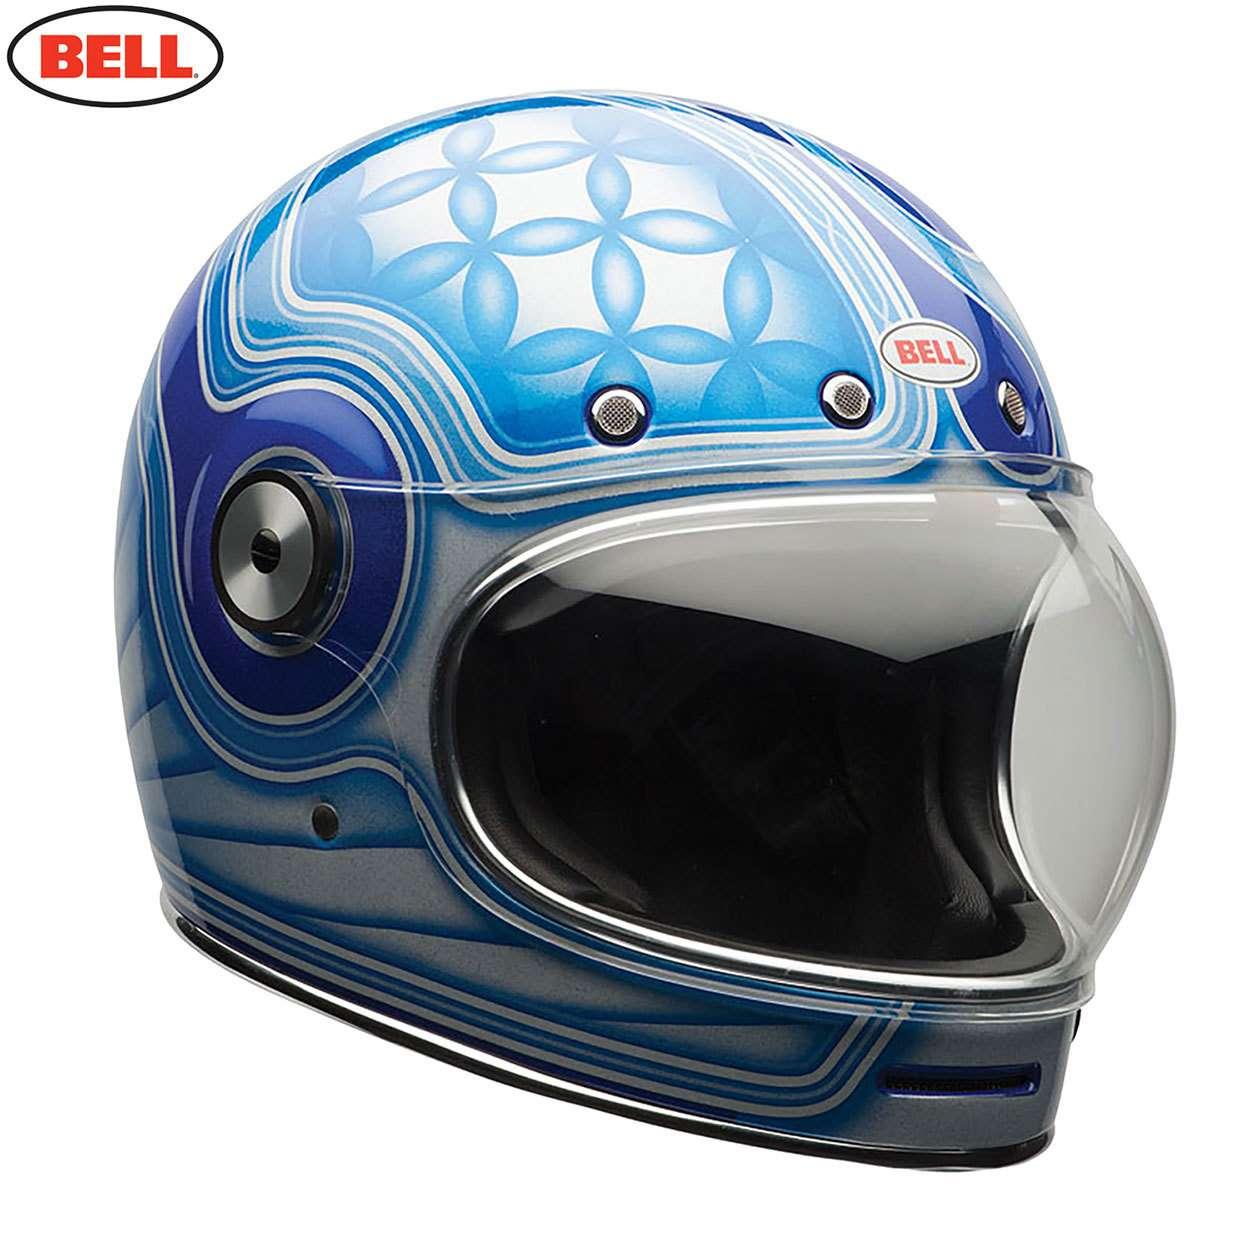 Bell Bullitt Retro Street Full Face Motorcycle Helmet Chemical Candy Blue SR